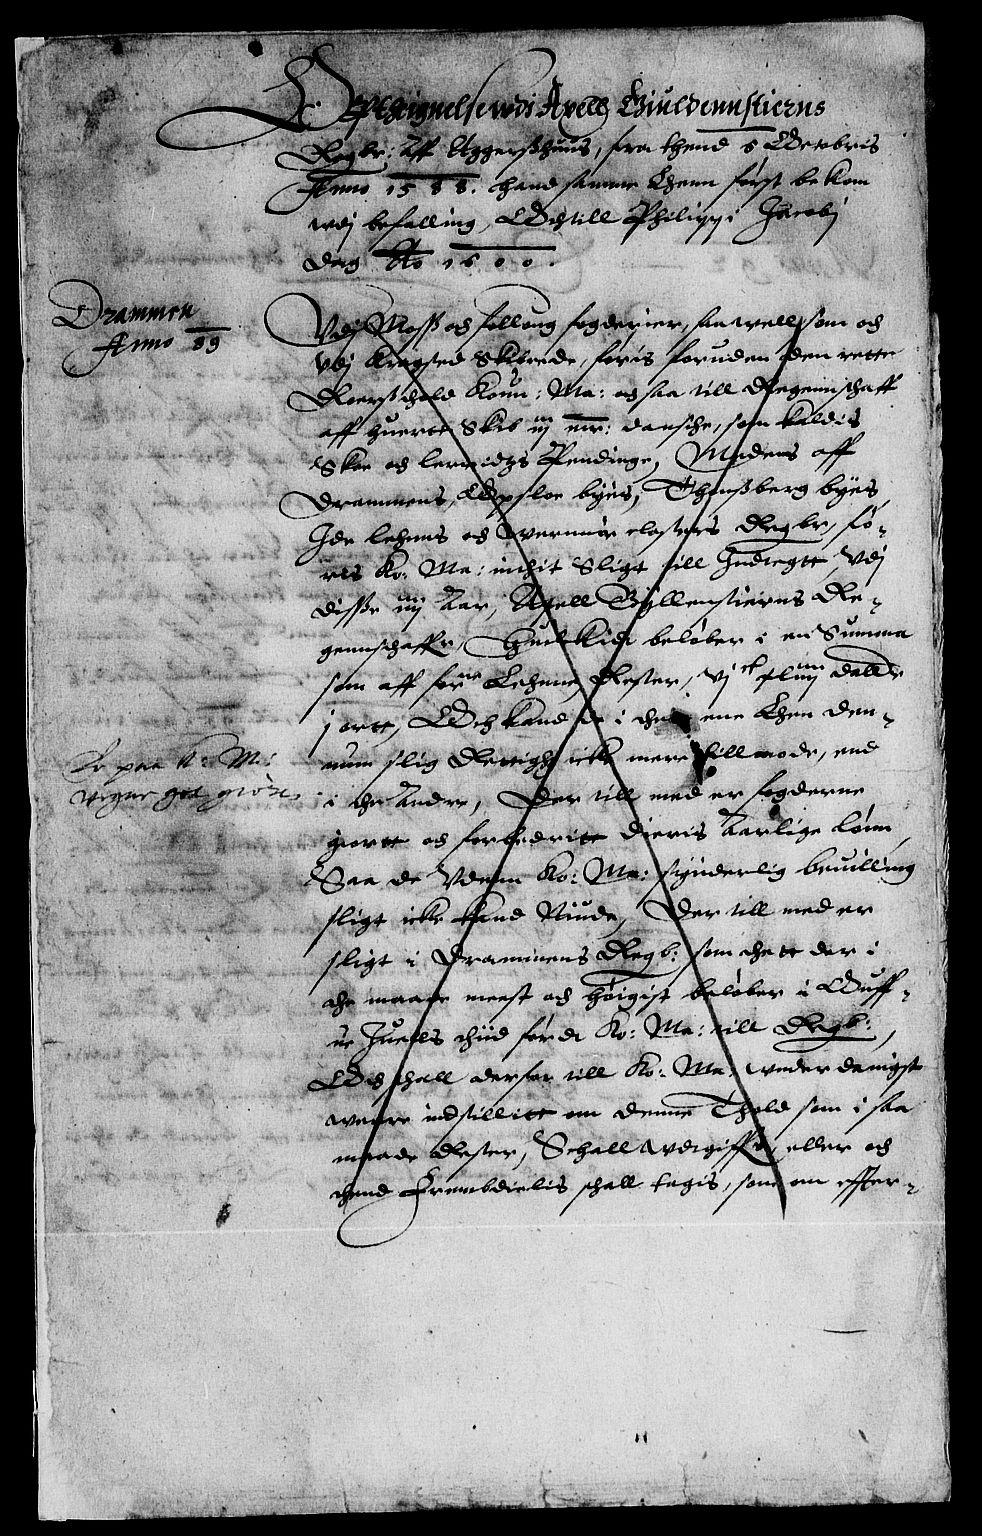 RA, Rentekammeret inntil 1814, Reviderte regnskaper, Lensregnskaper, R/Rb/Rba/L0010: Akershus len, 1588-1601